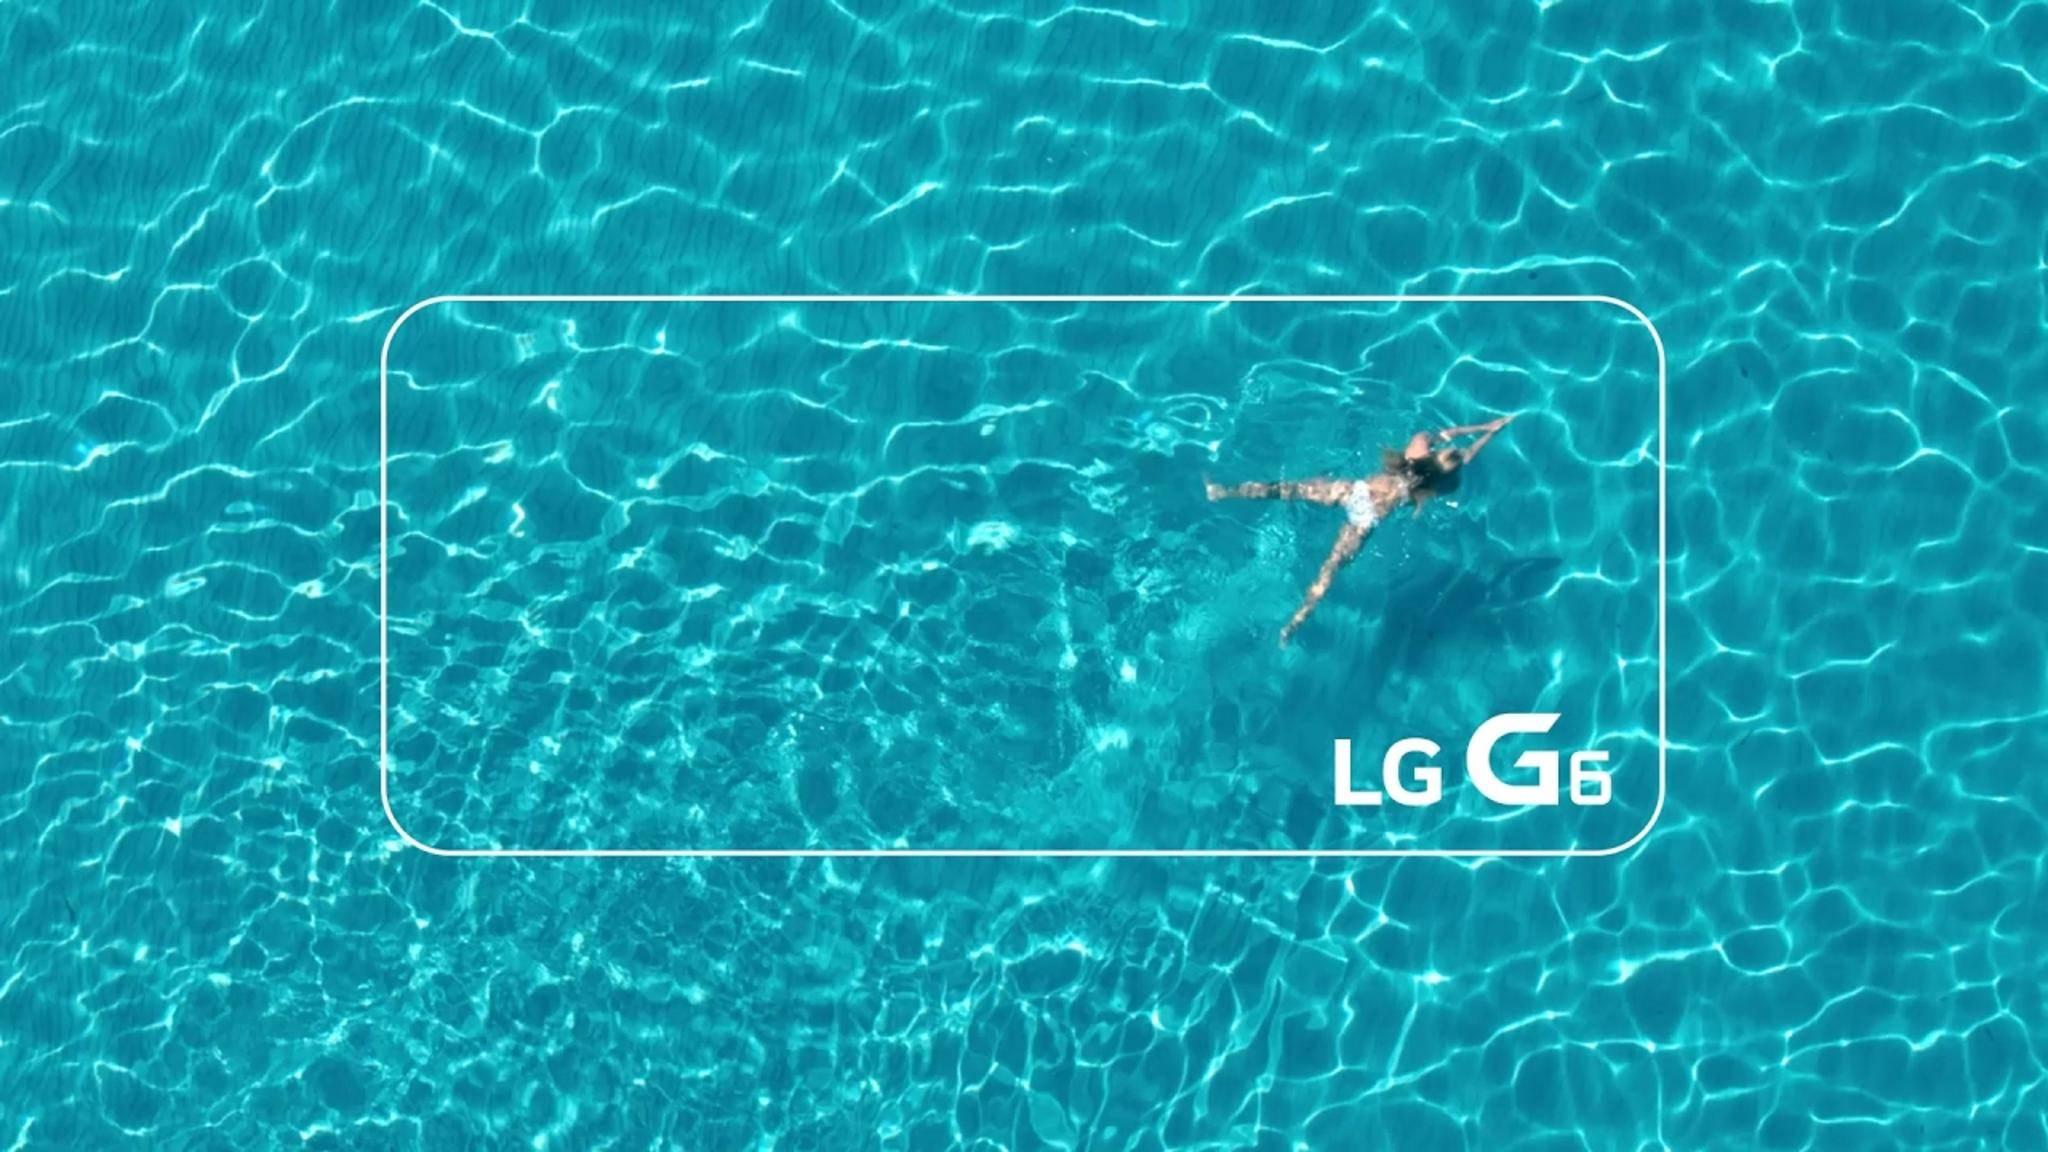 Mit dem LG G6 in den Pool? Angeblich kein Problem.